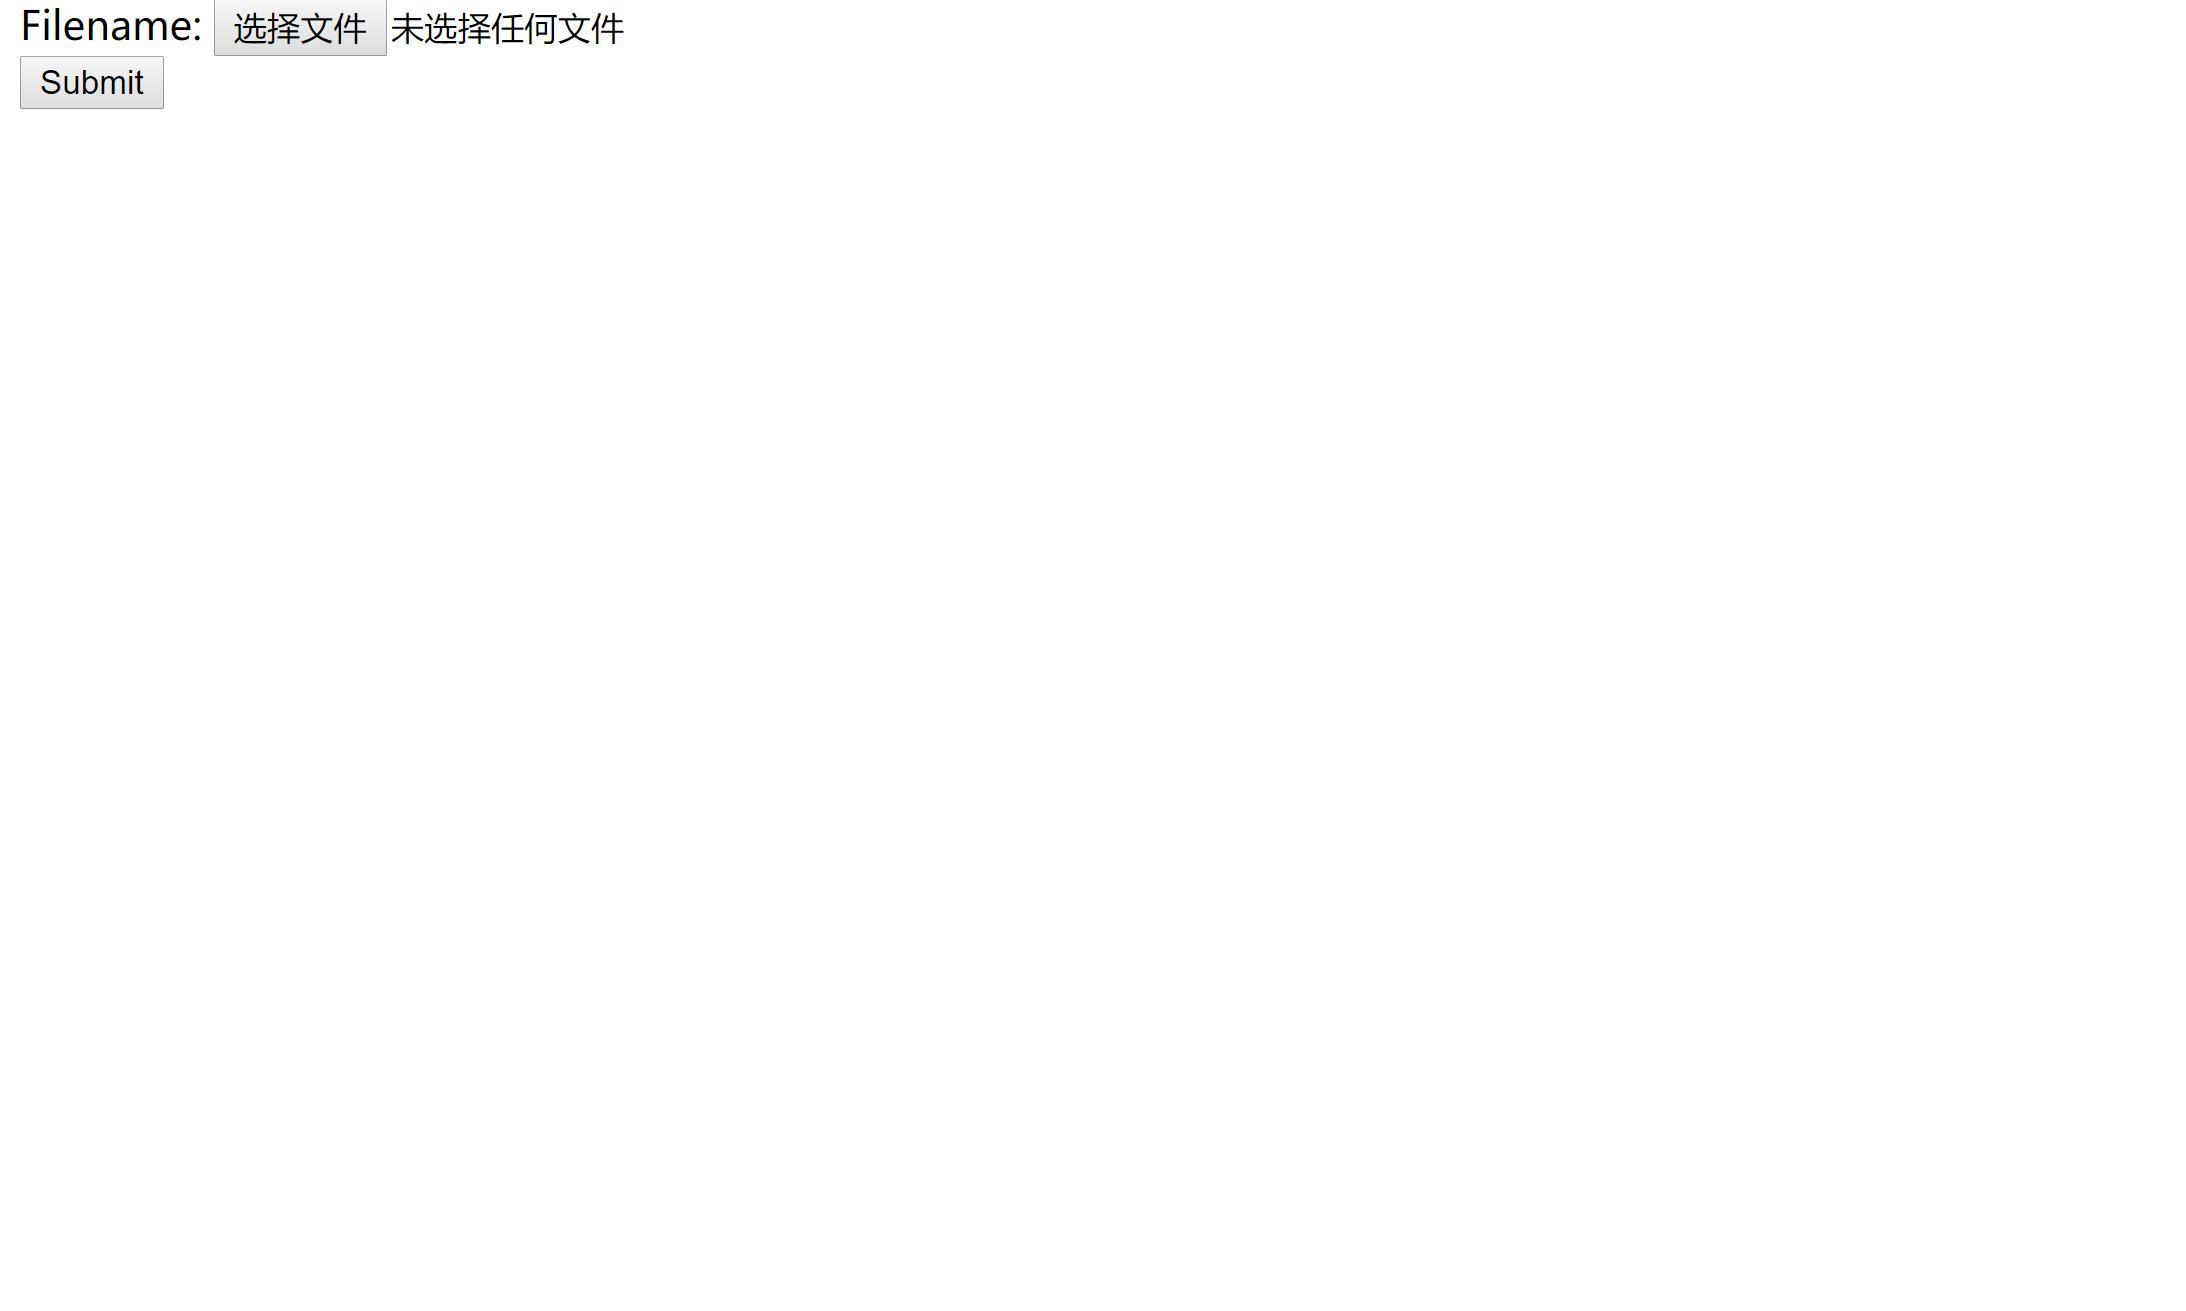 京东图床API接口|图片上传CDN加速源码 HTML网页源码 第2张